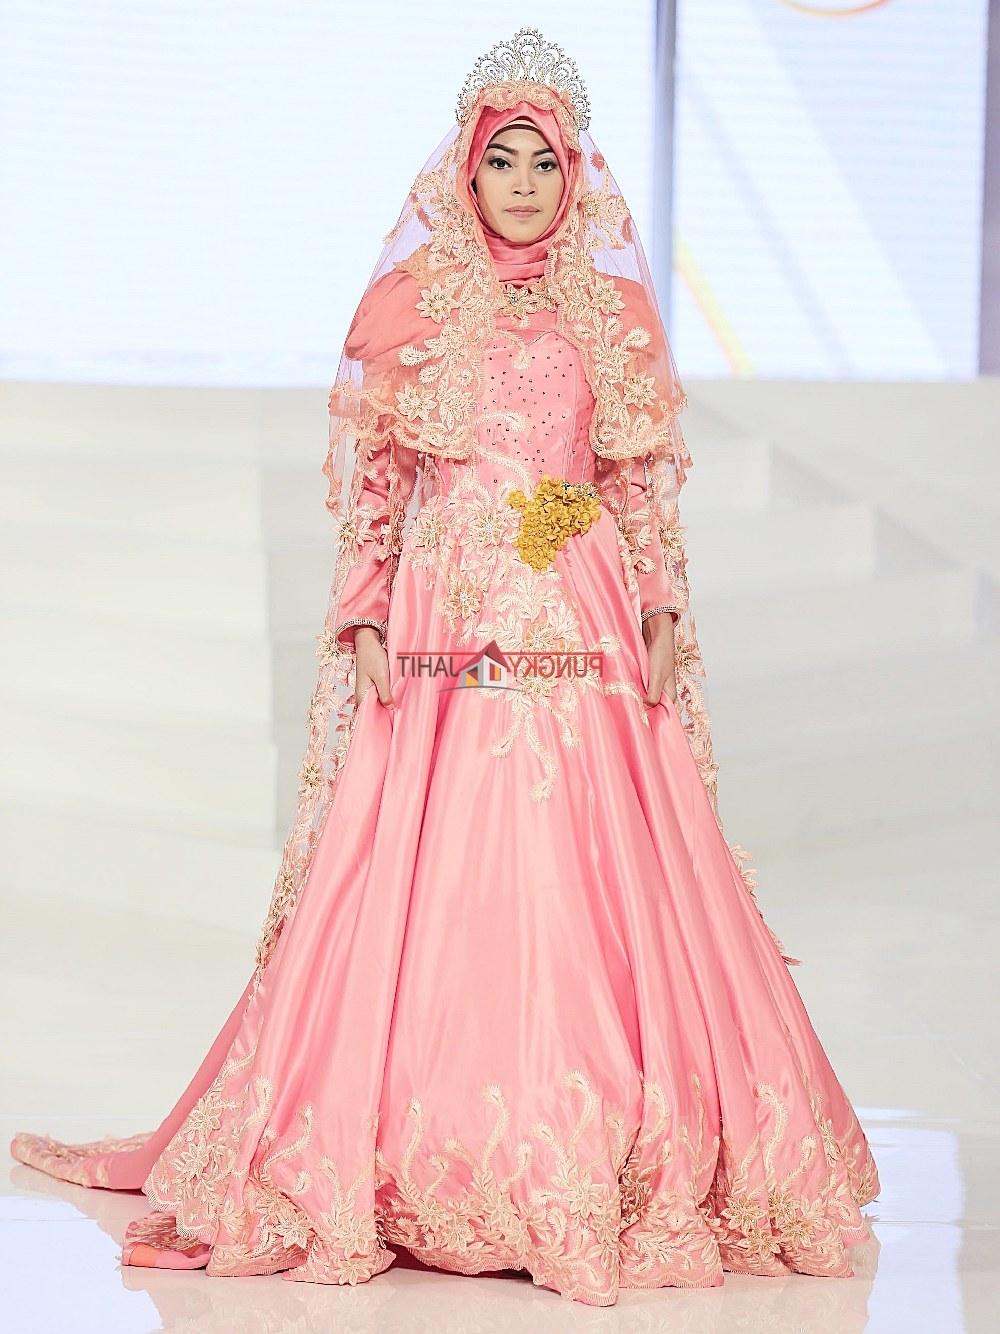 Bentuk Sewa Gaun Pengantin Muslimah Jogja 3ldq Gaun Pengantin Muslimah Dress Muslim Pungky Rumah Jahit